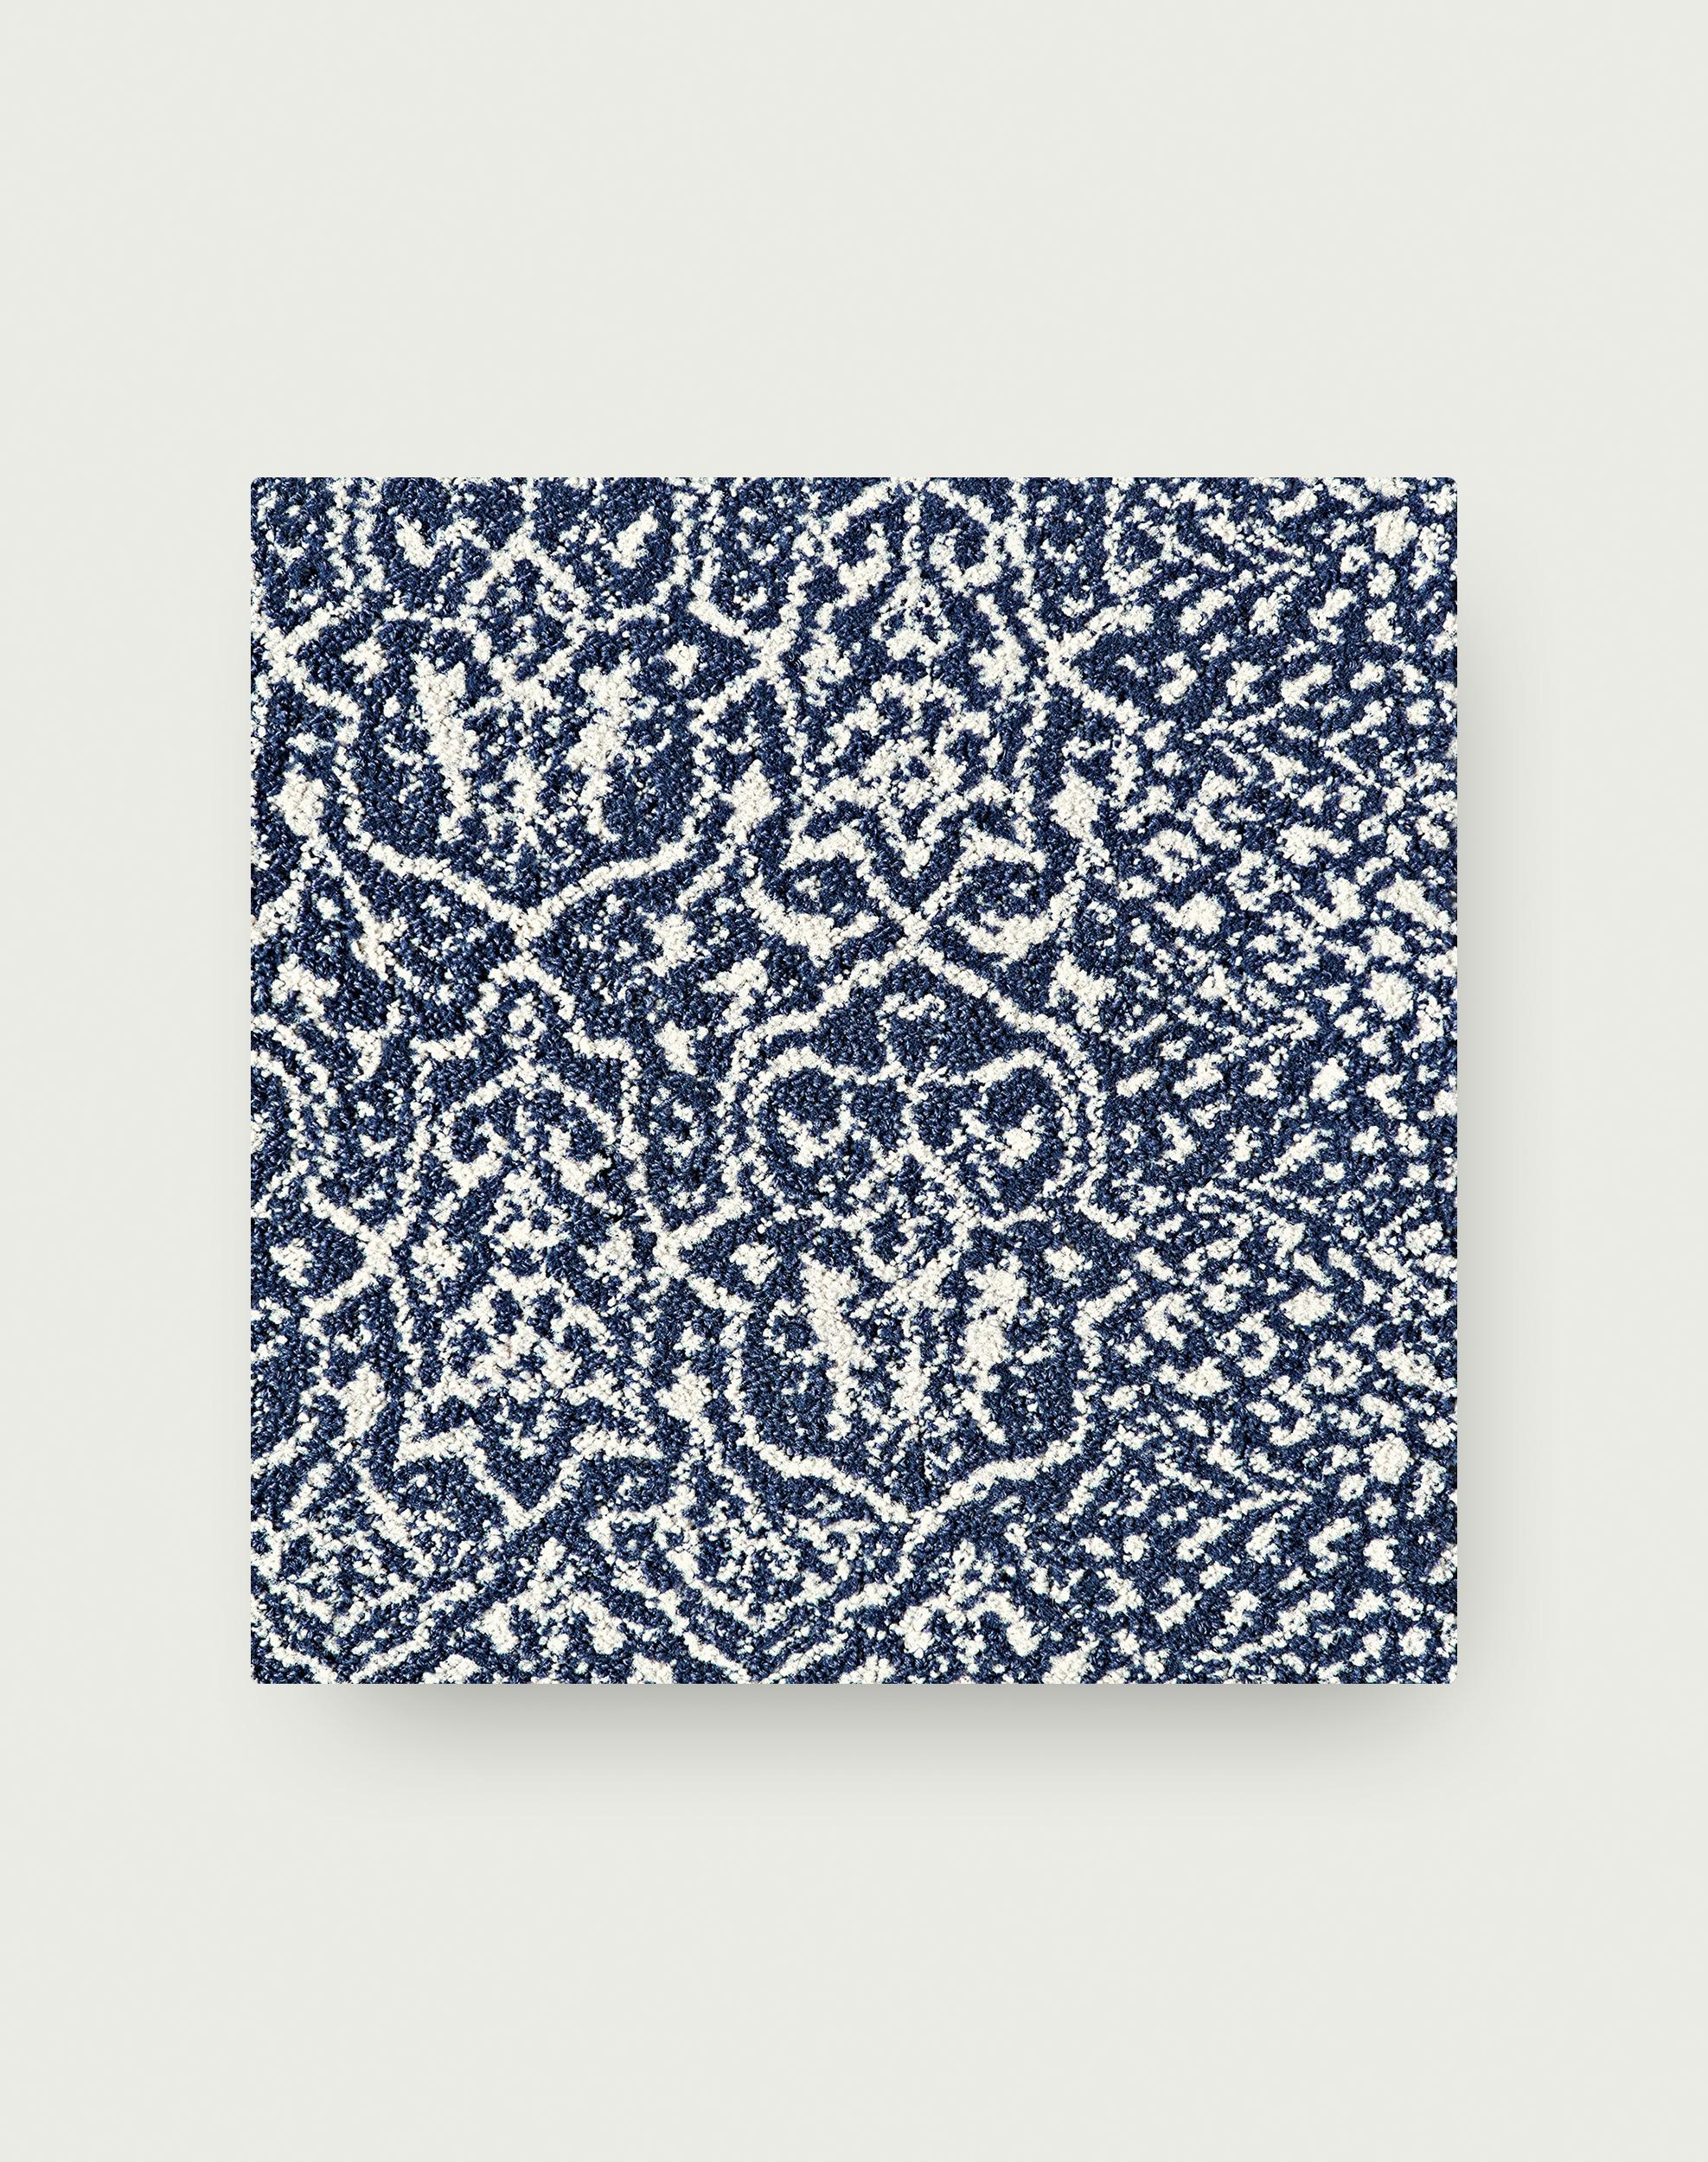 Kensington Blossom - Cobalt